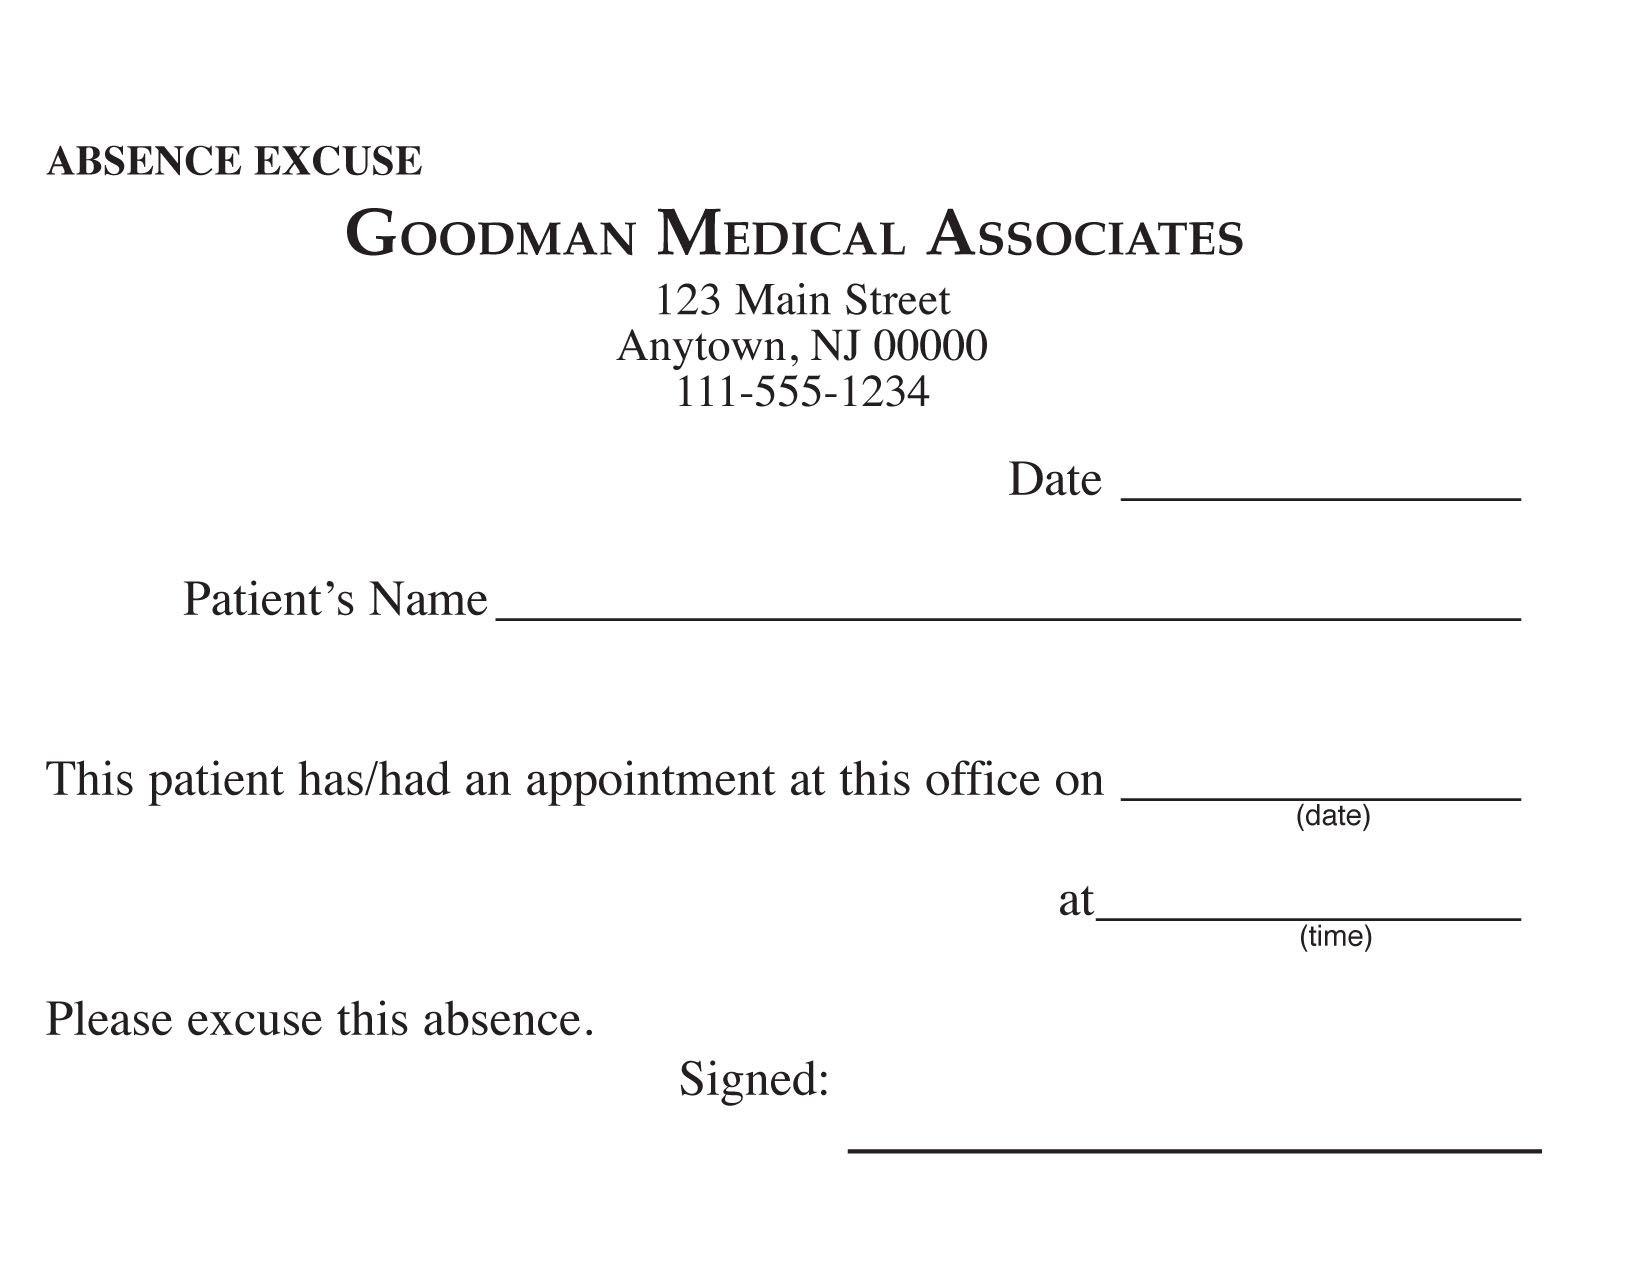 Blank Printable Doctor Excuse Form   Keskes Printing - Mds - Free Printable Doctor Excuse Notes